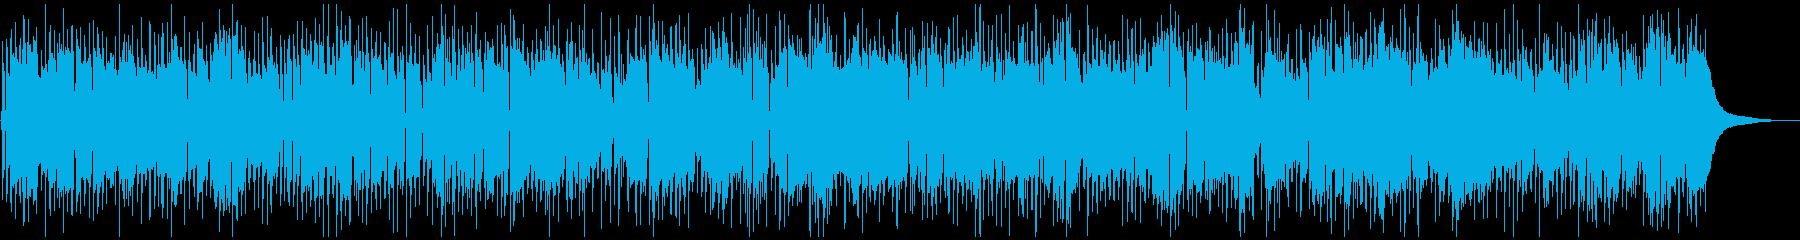 南国のバカンス風ポップレゲエの再生済みの波形